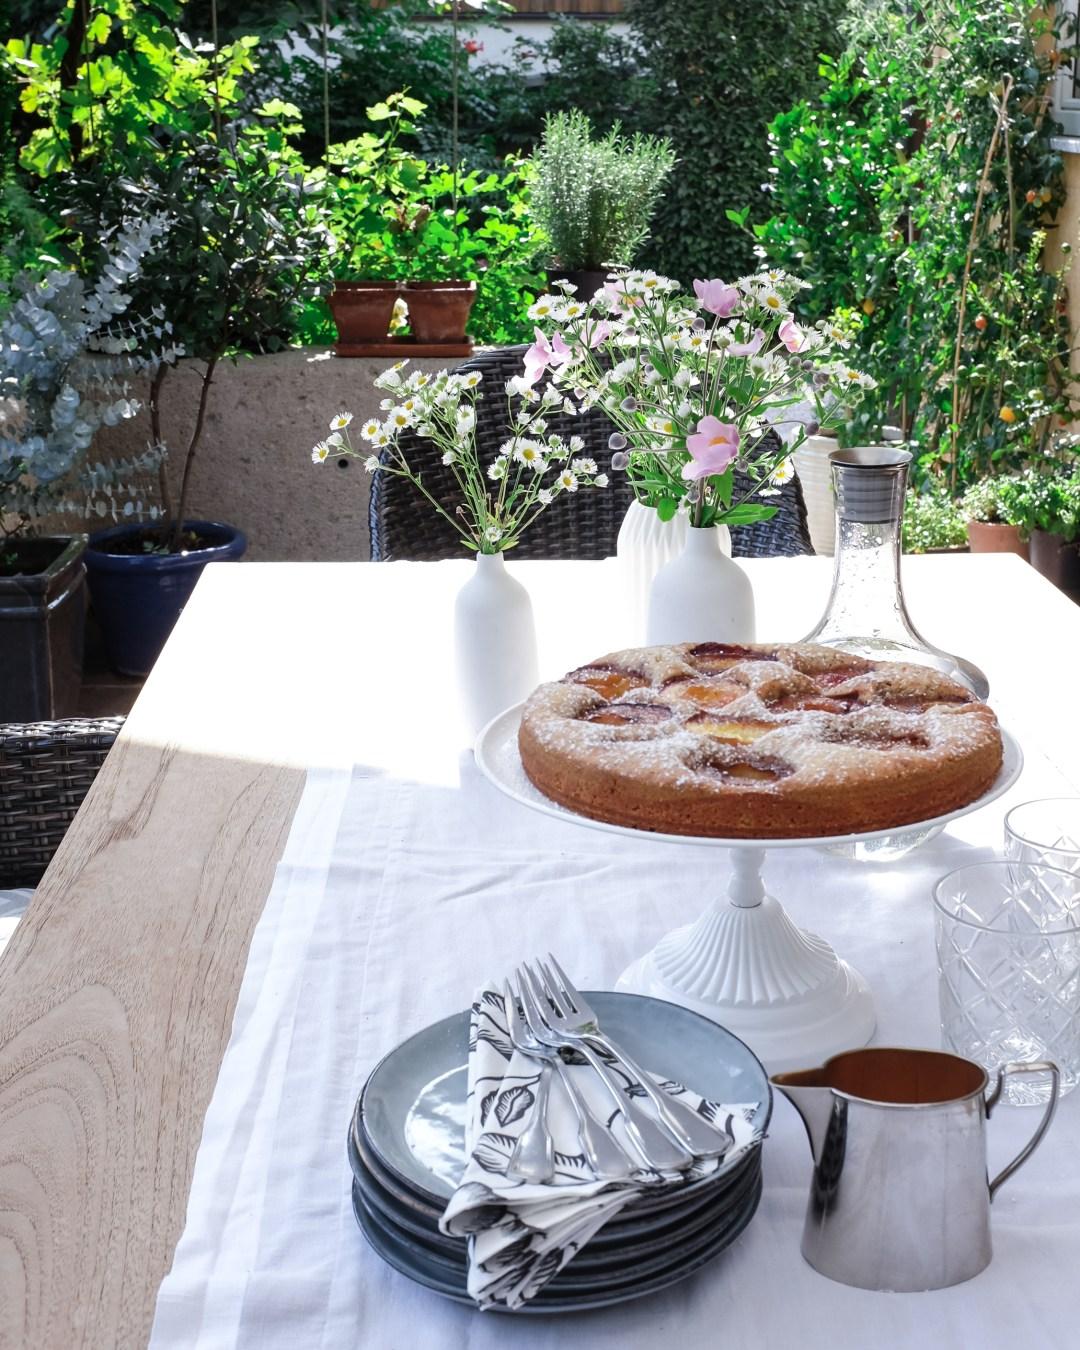 inastil, tomaten, feigen, mein Garten, erste Ernte, Gartenfrüchte, Sommerabend, Nektarinenkuchn, Sommerzeit, Ü50Blogger, Rezept-8